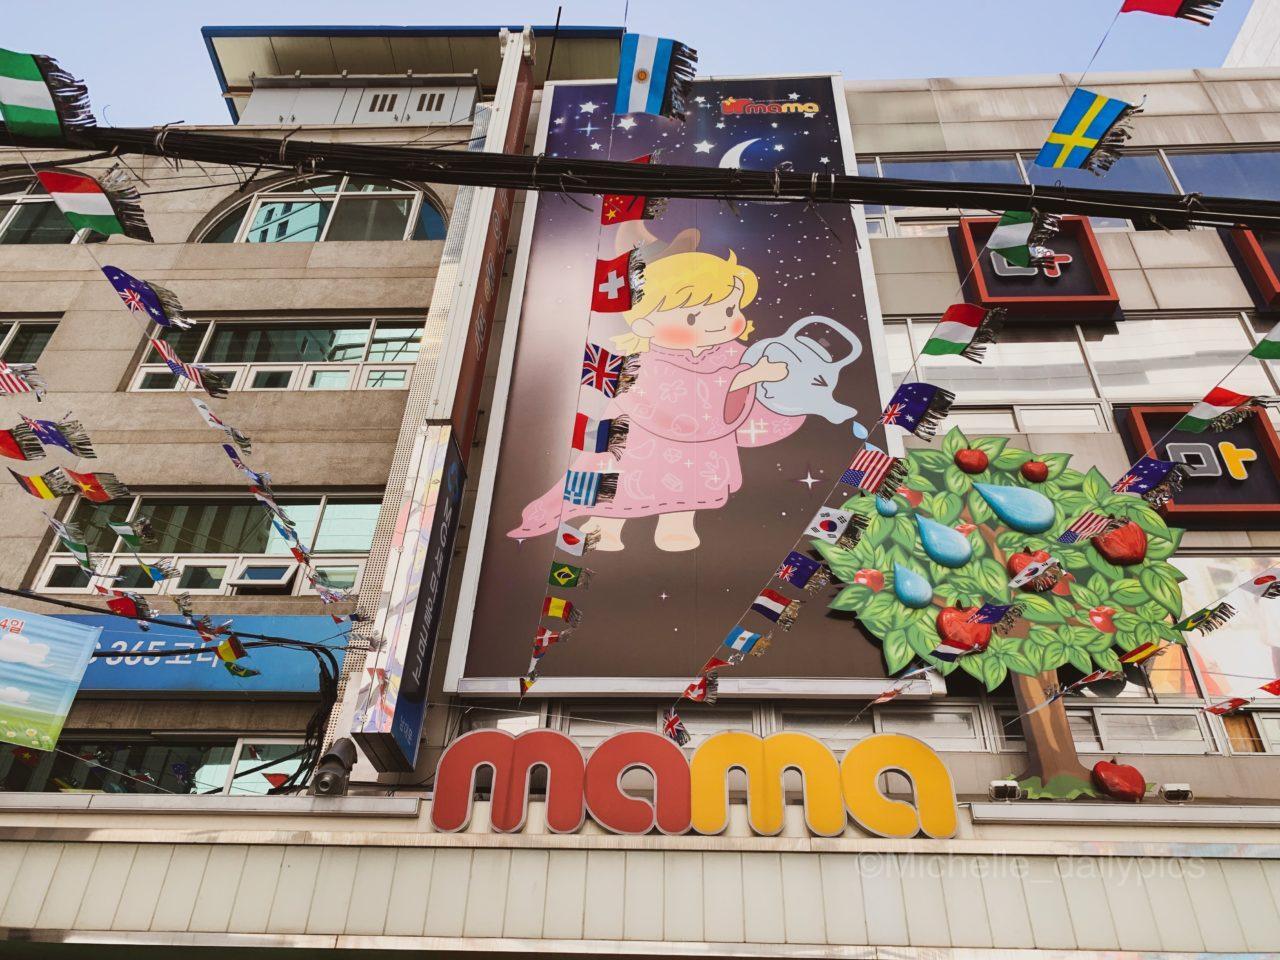 img 4202 - 韓国の子供服がかわいい!ソウルで行くべきおすすめショップ